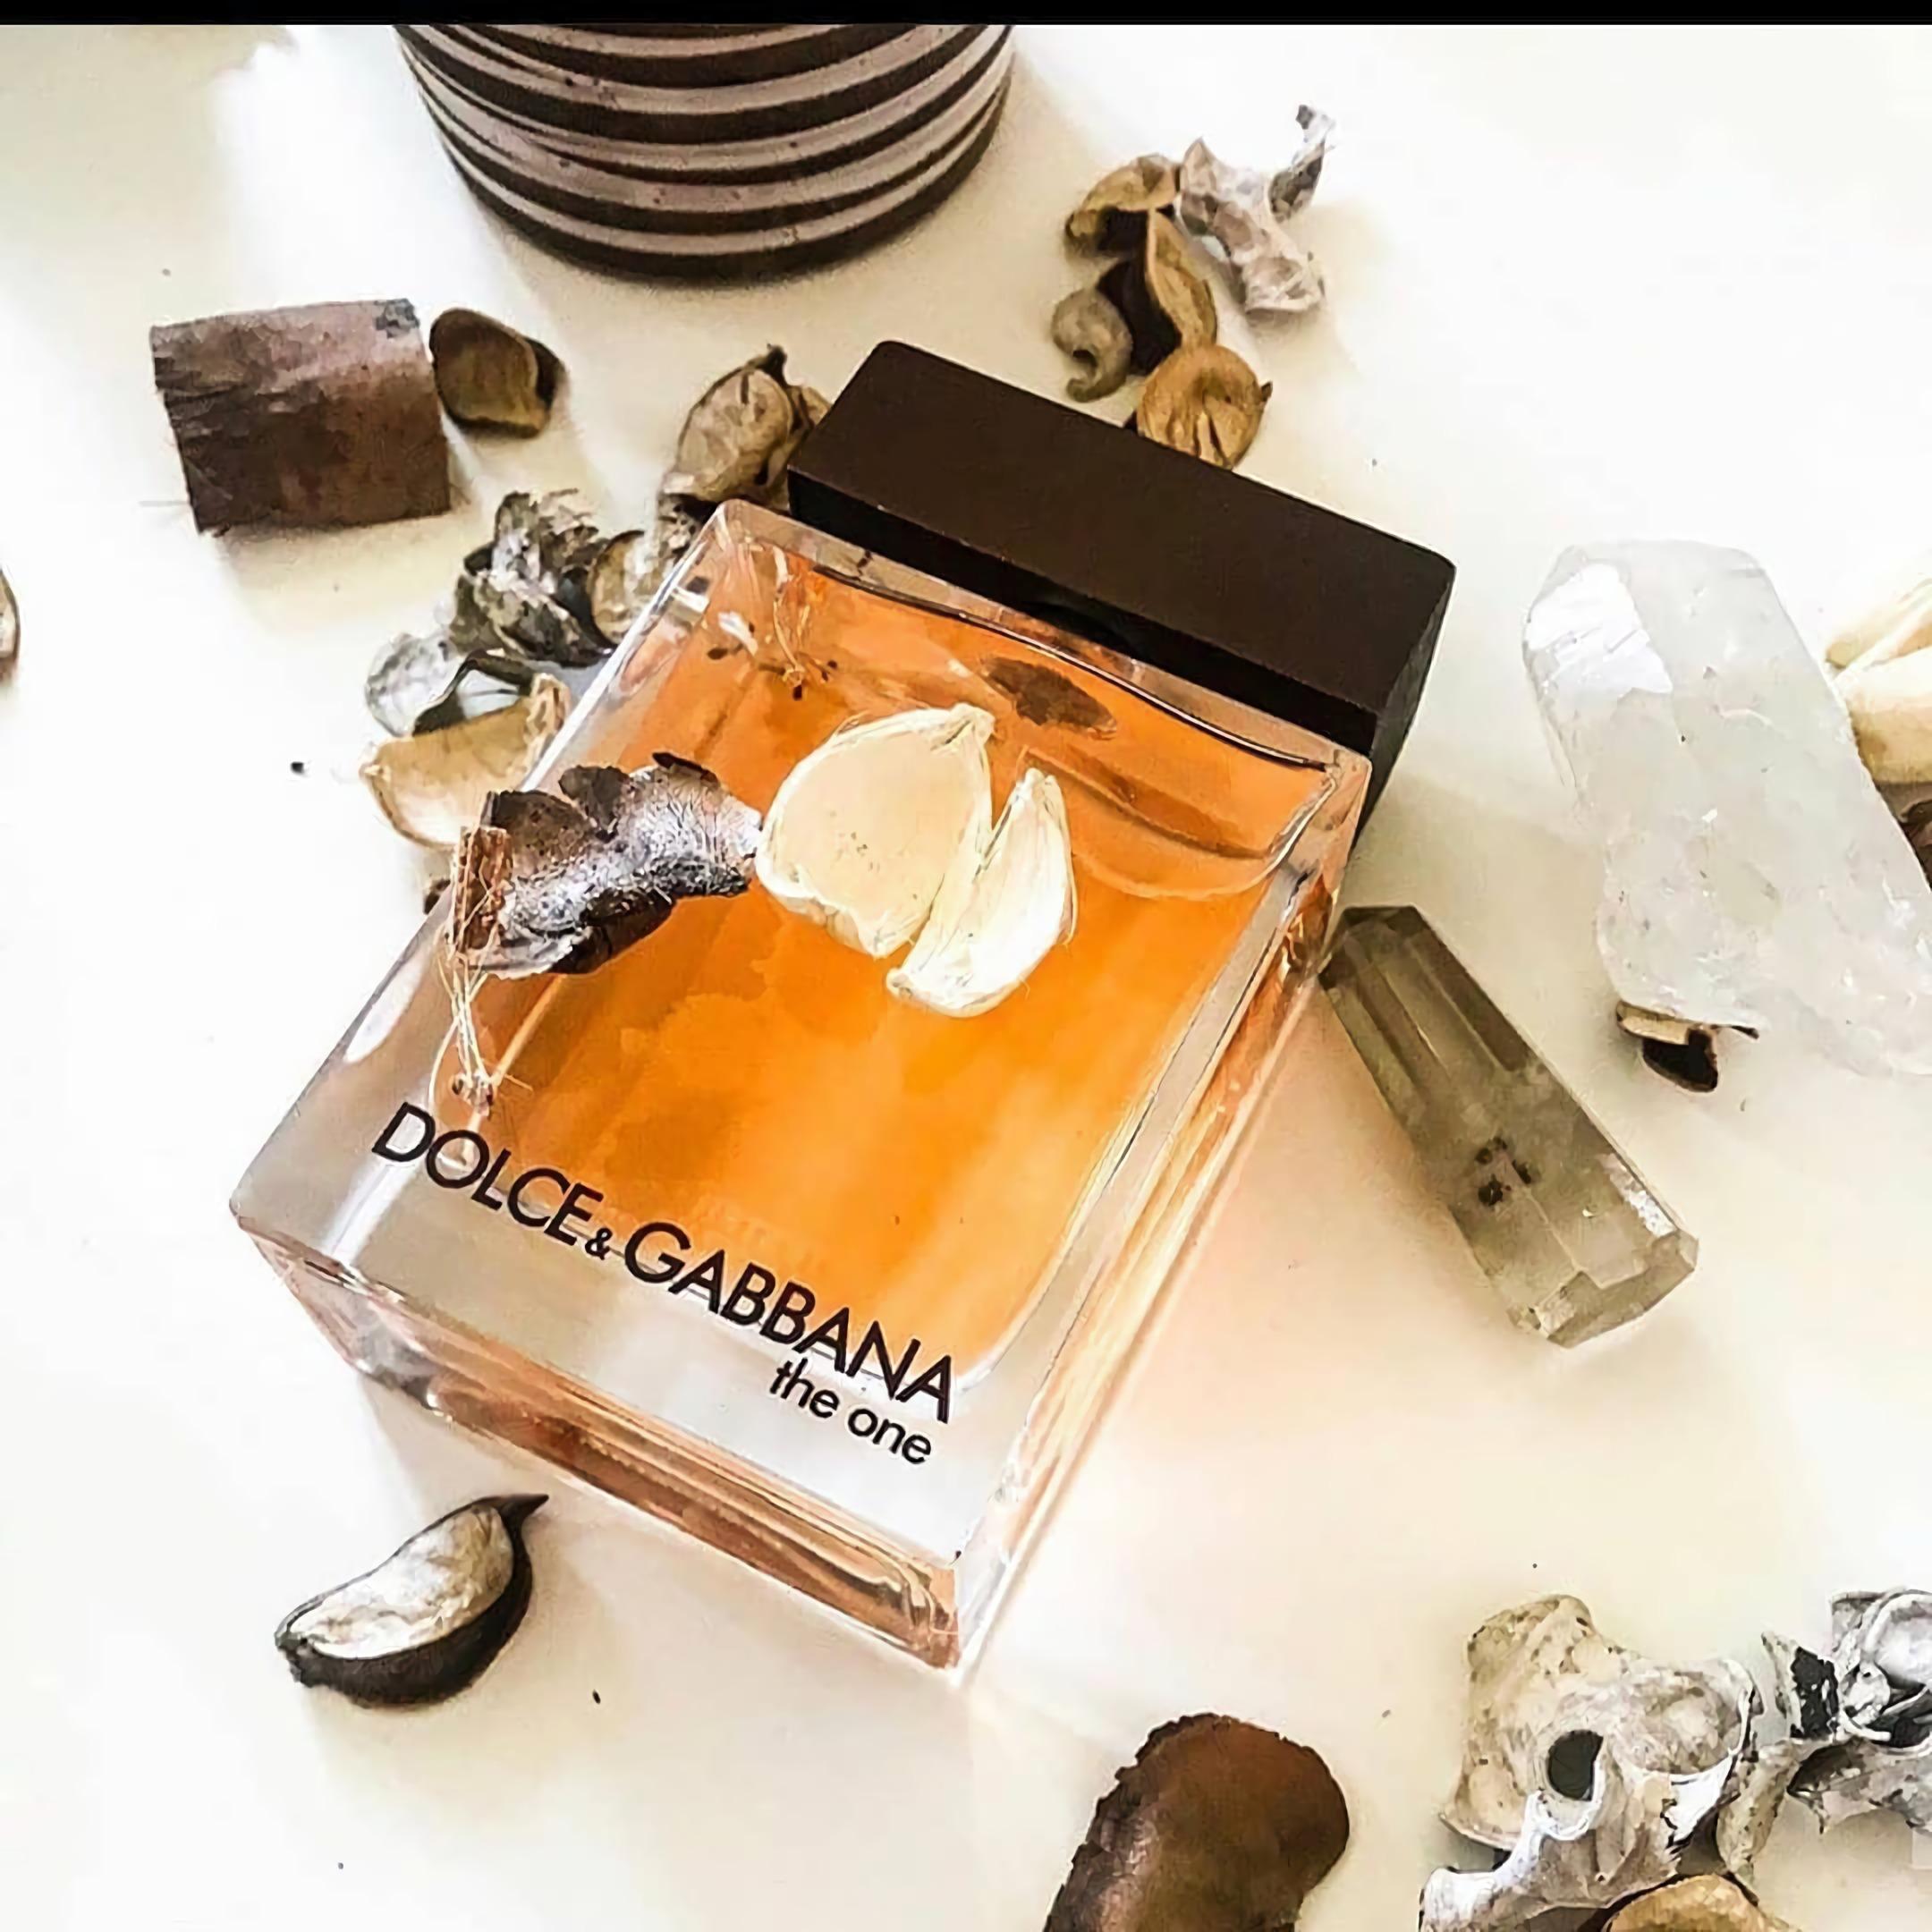 лучшие духи для мужчин с привлекательным запахом Dolce & Gabbana The One